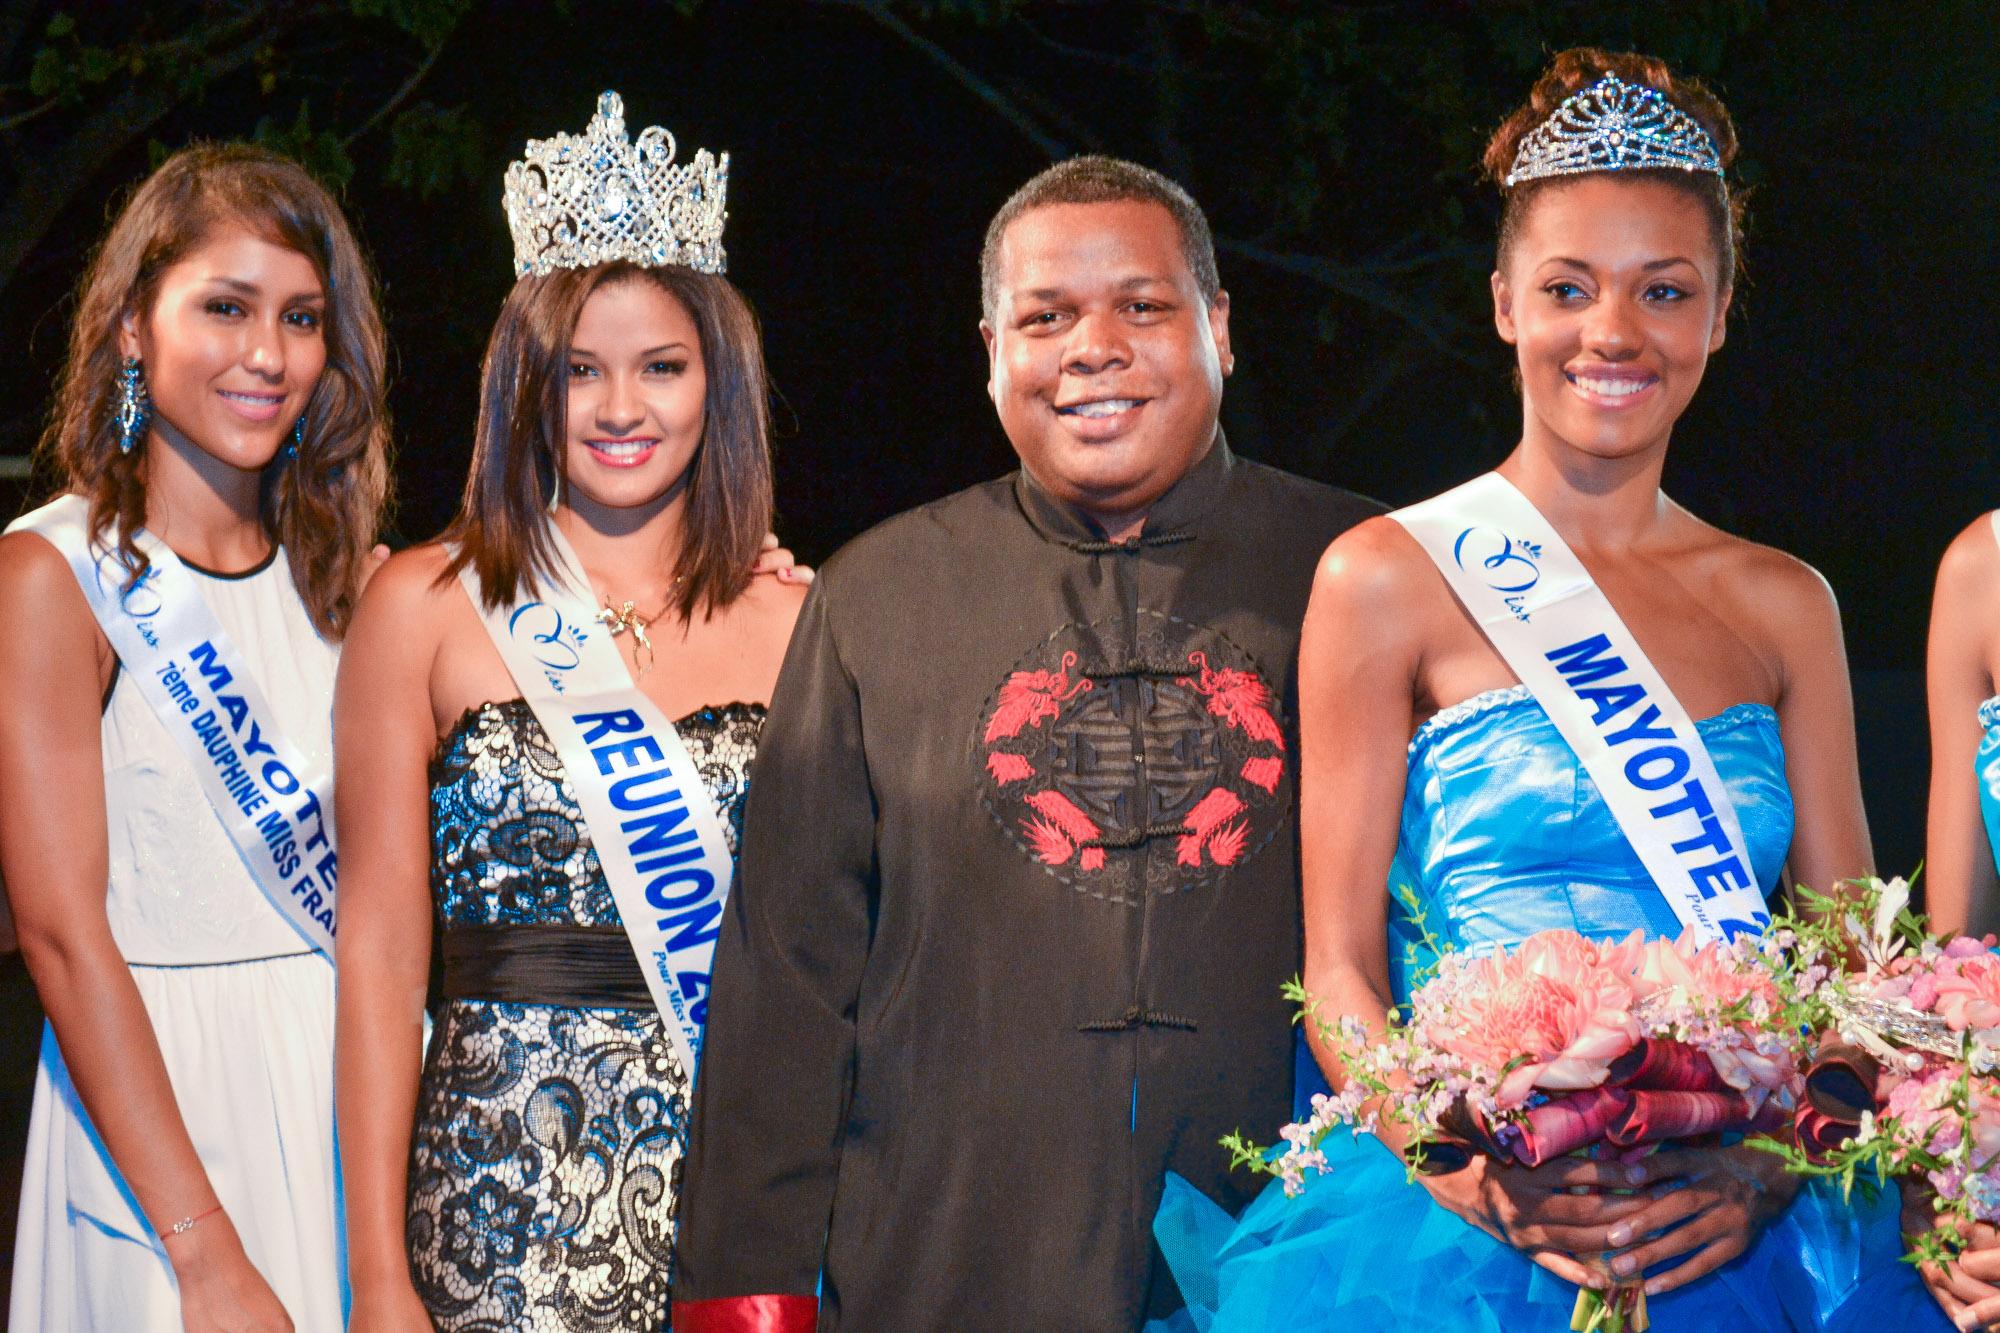 Le président du Conseil Général de Mayotte, Daniel Zaïdani, avec Elodie, ex-Miss Mayotte, et Ingreed Mercredi, Miss Réunion